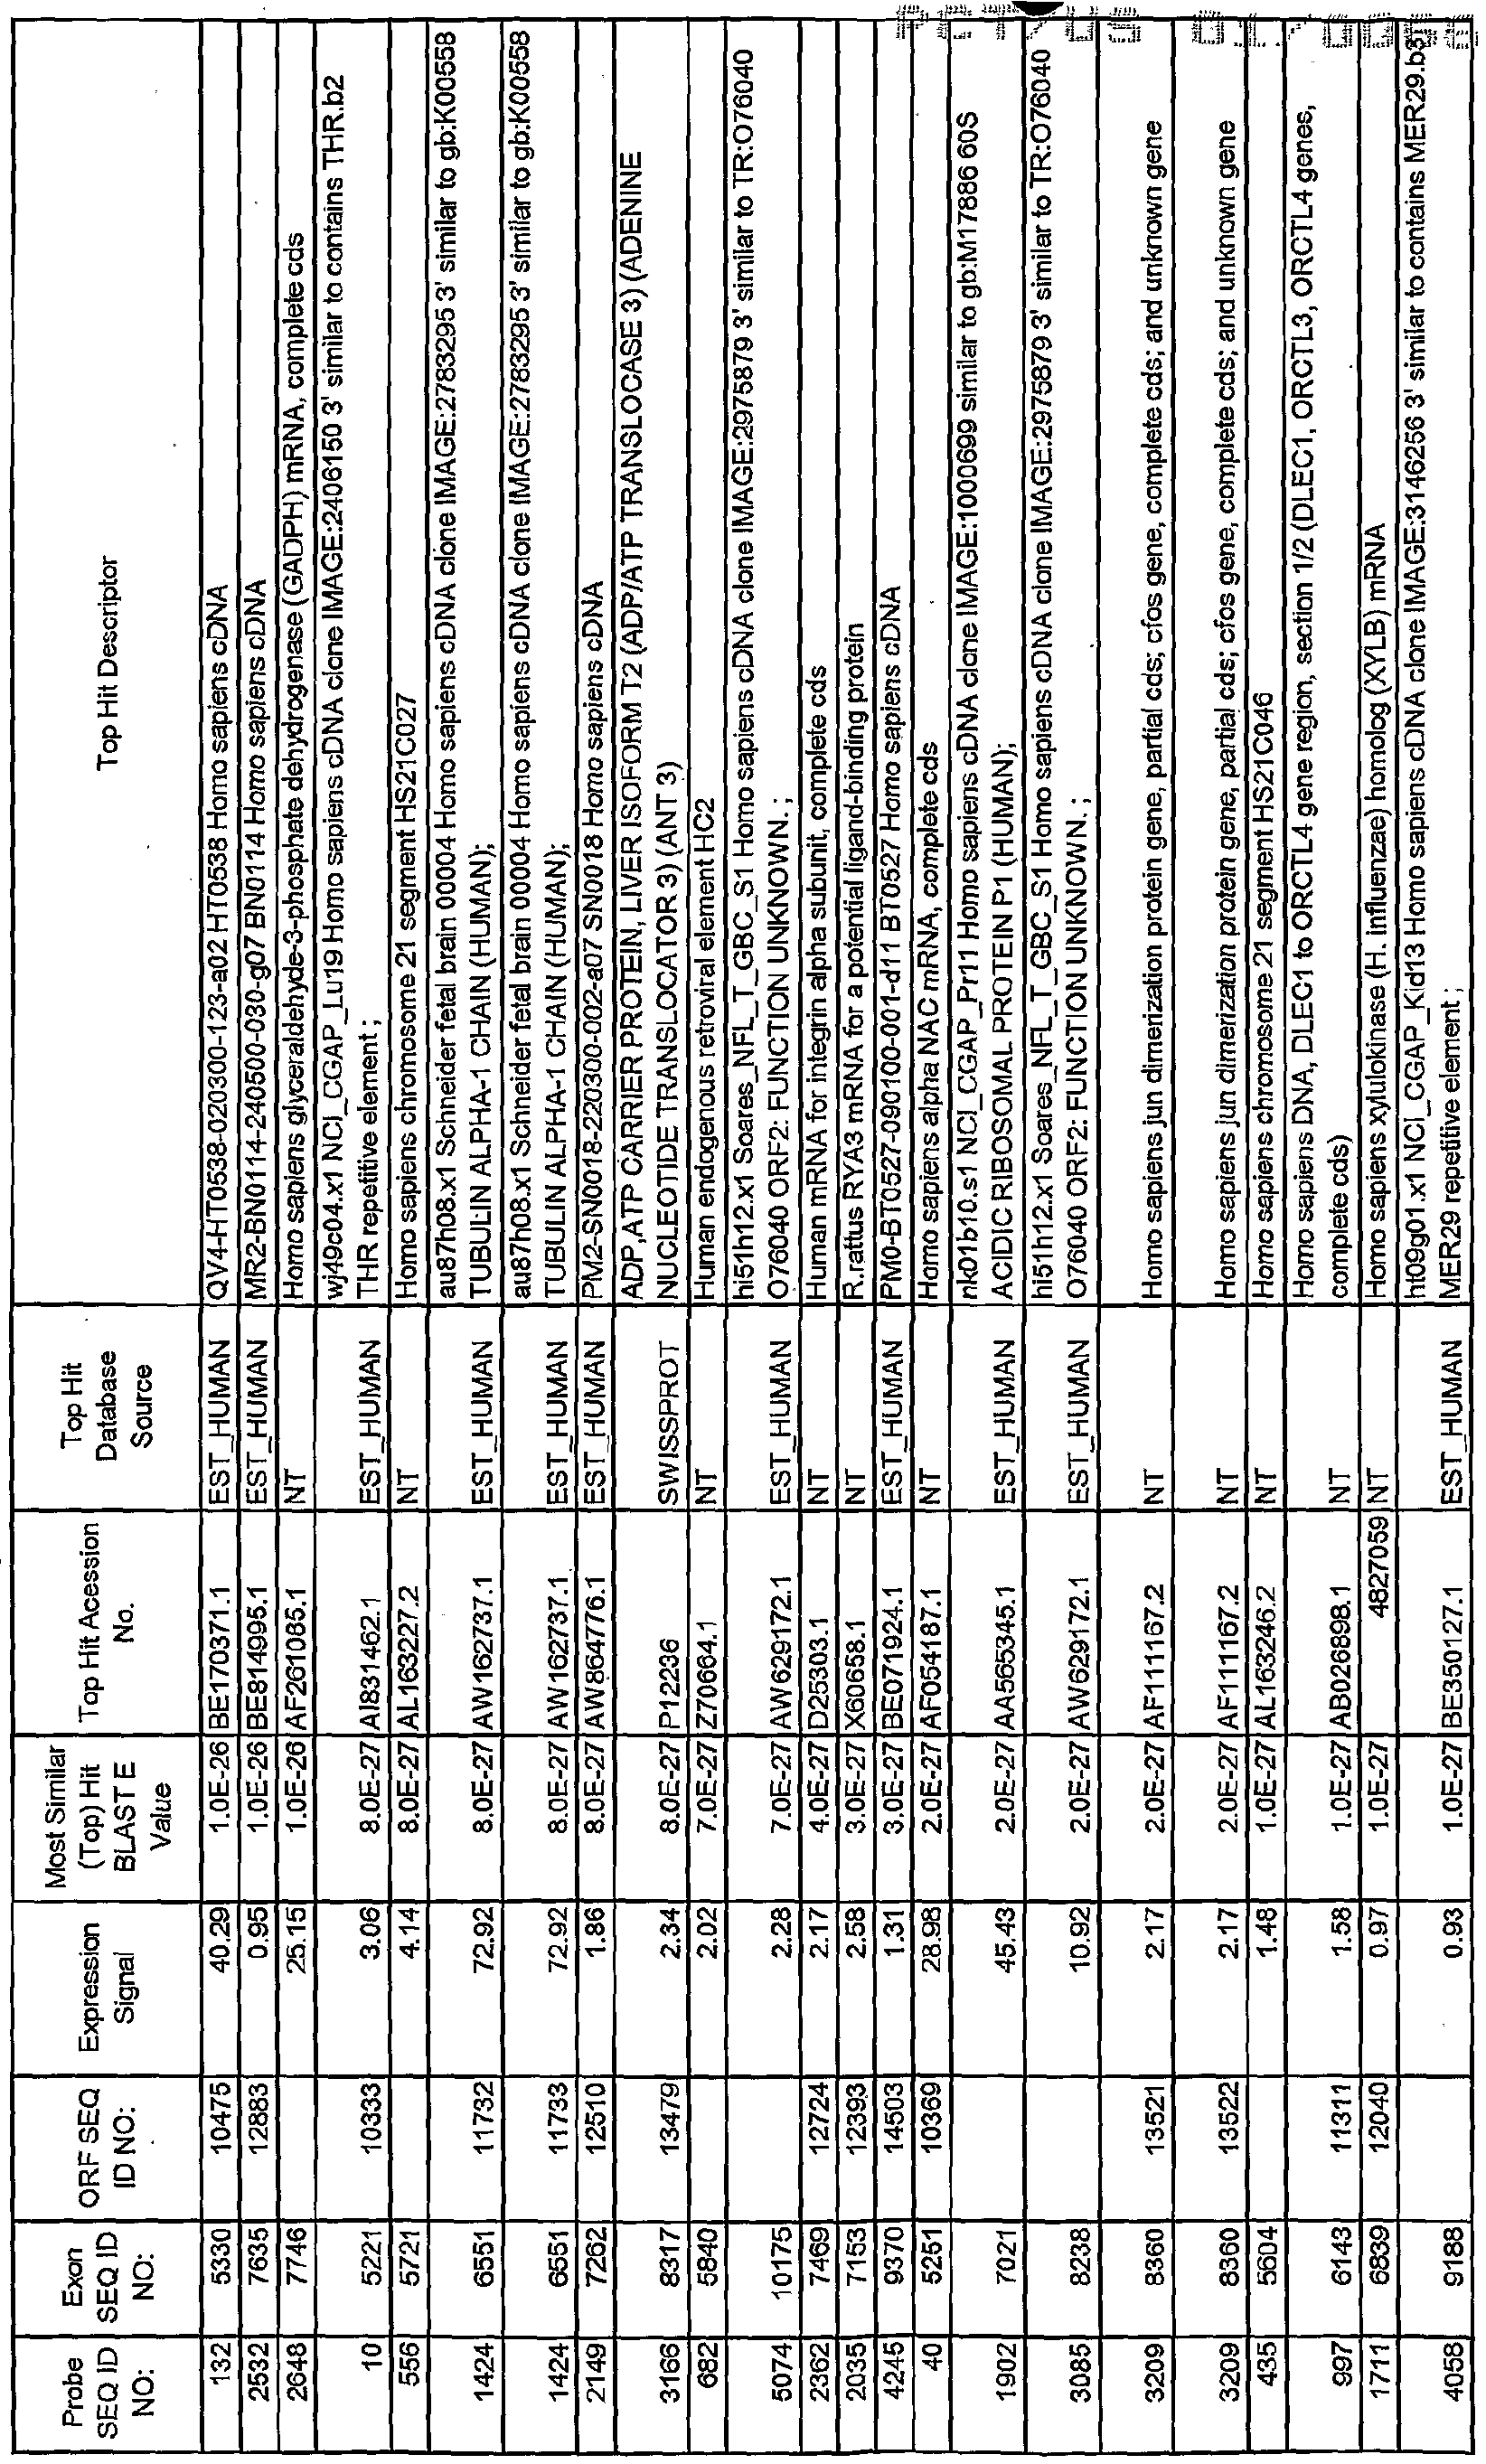 Figure imgf000183_0002